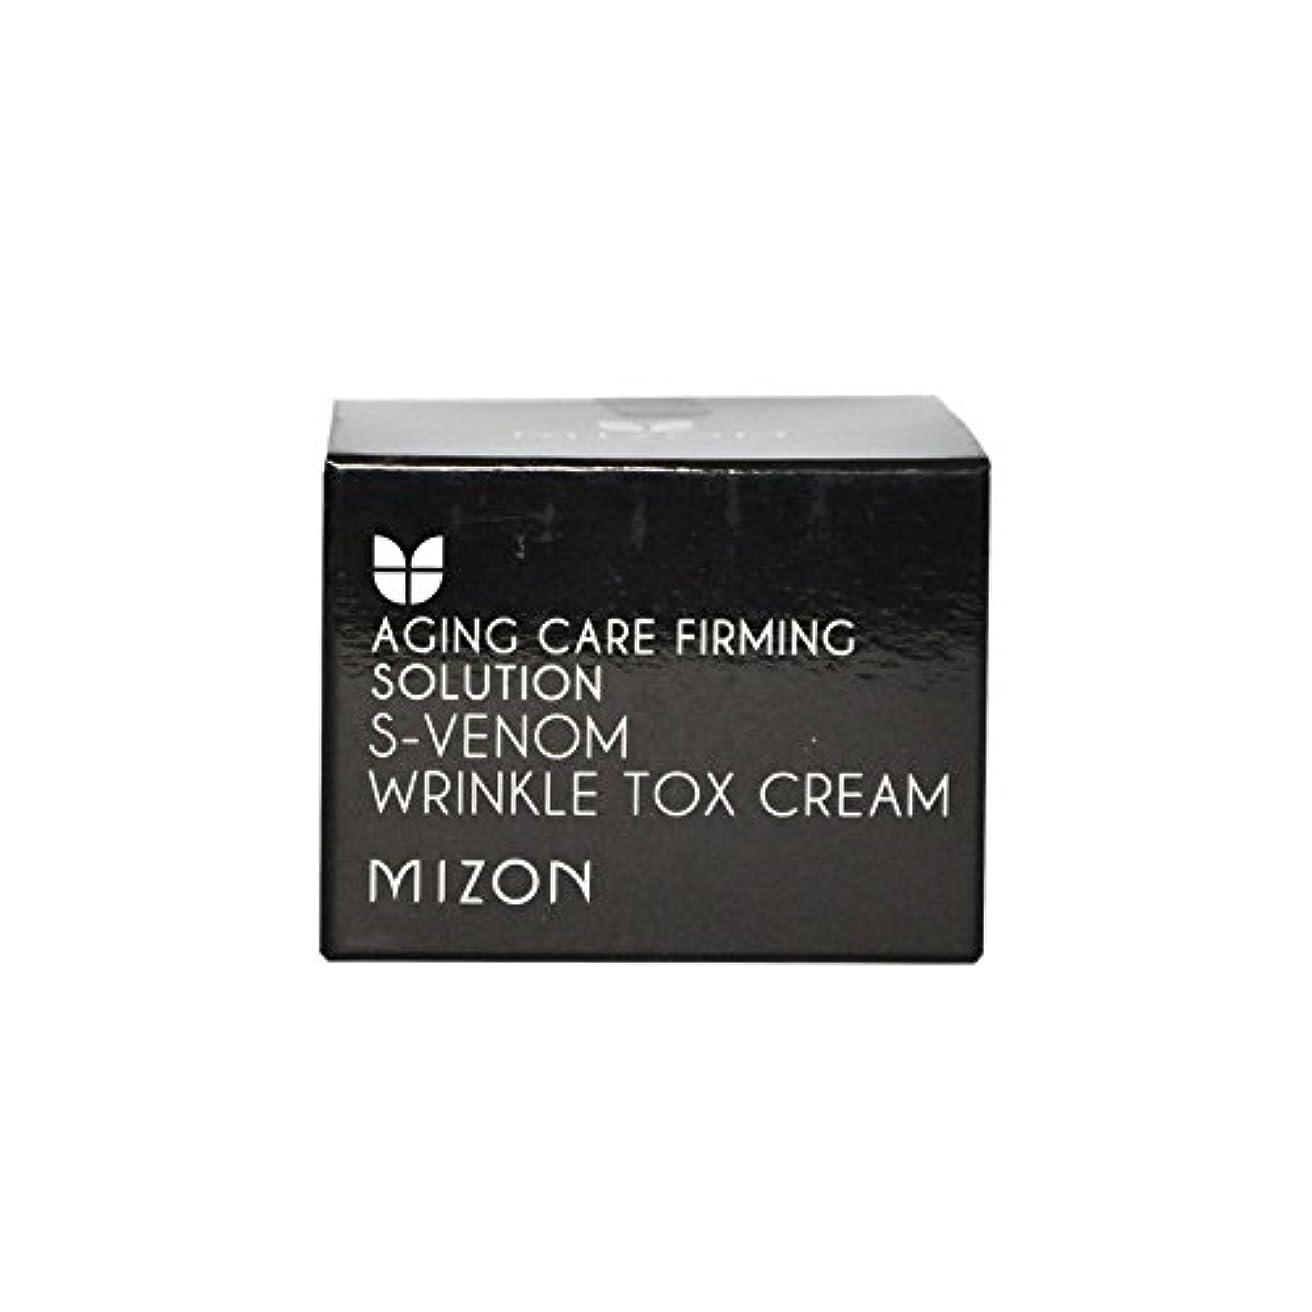 懸念ブッシュ楽しませるの毒リンクルトックスクリーム x4 - Mizon S Venom Wrinkle Tox Cream (Pack of 4) [並行輸入品]